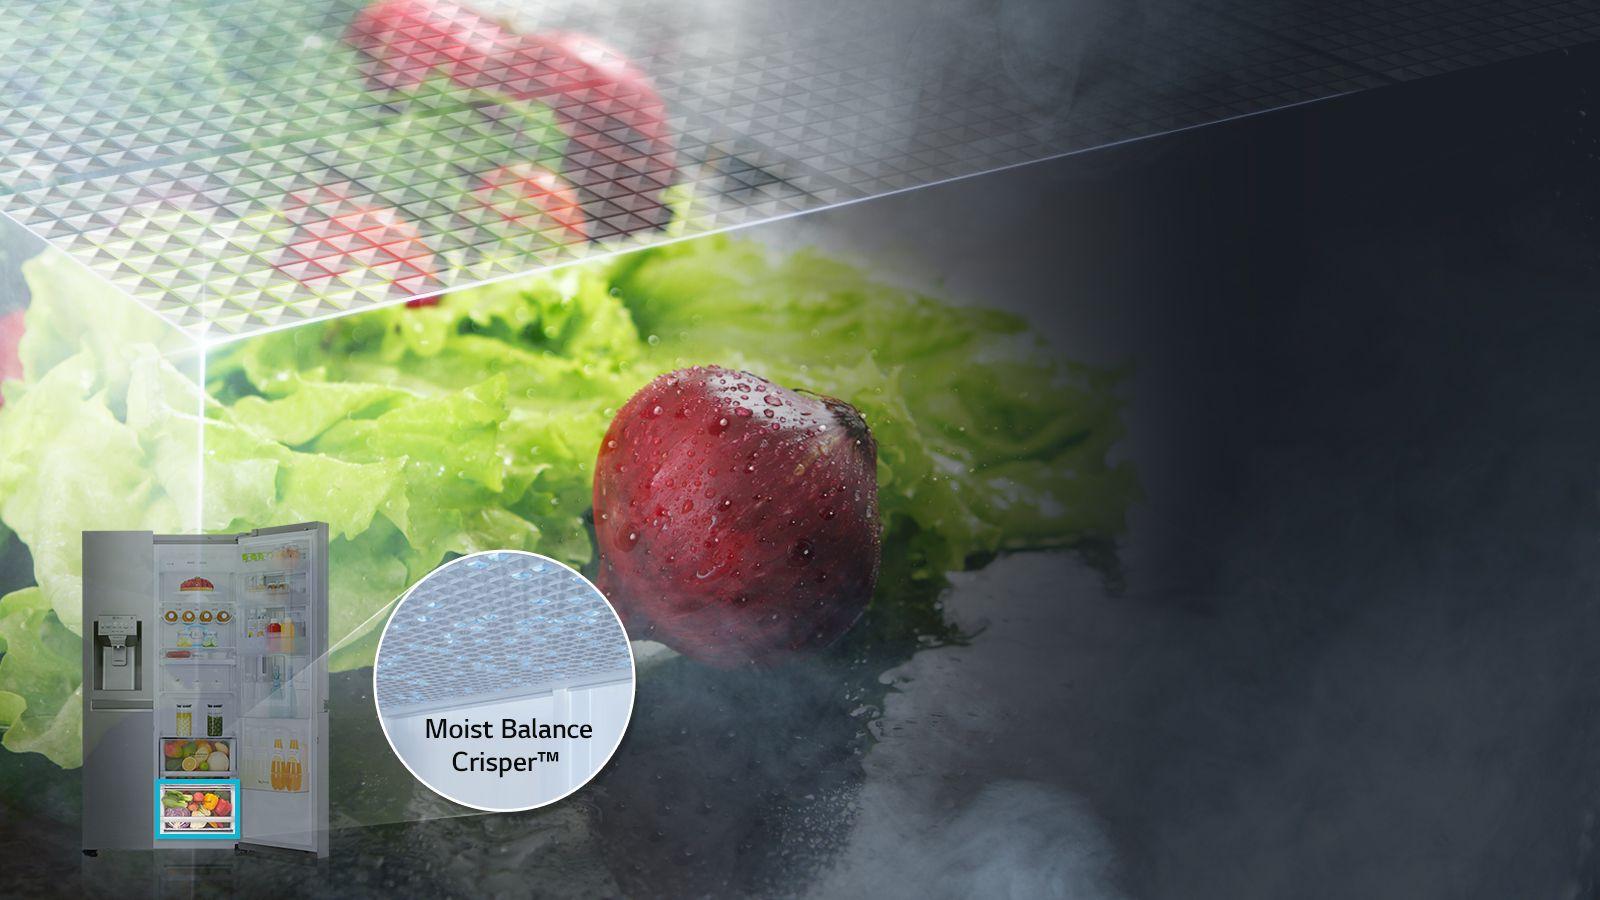 LG Fridges - Moist Balance Crisper™